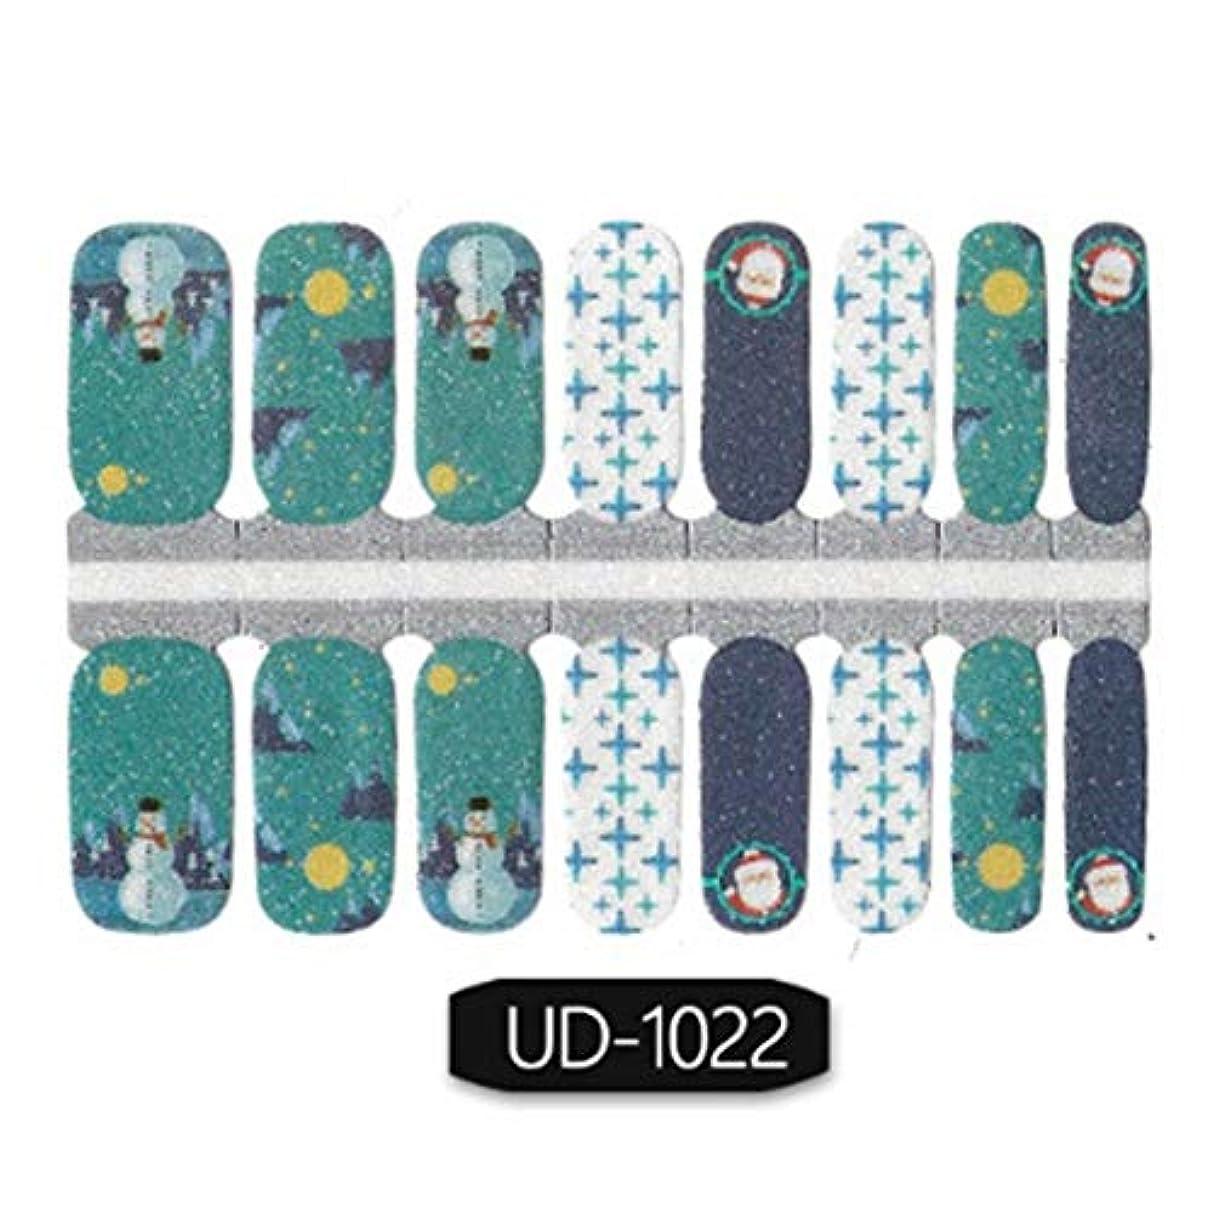 通信網ボウル村ACHICOO ネイルシール ステッカー セット 16パターン クリスマス 粘着紙 デコレーション 超可愛い オシャレ UD-1022 通常の仕様